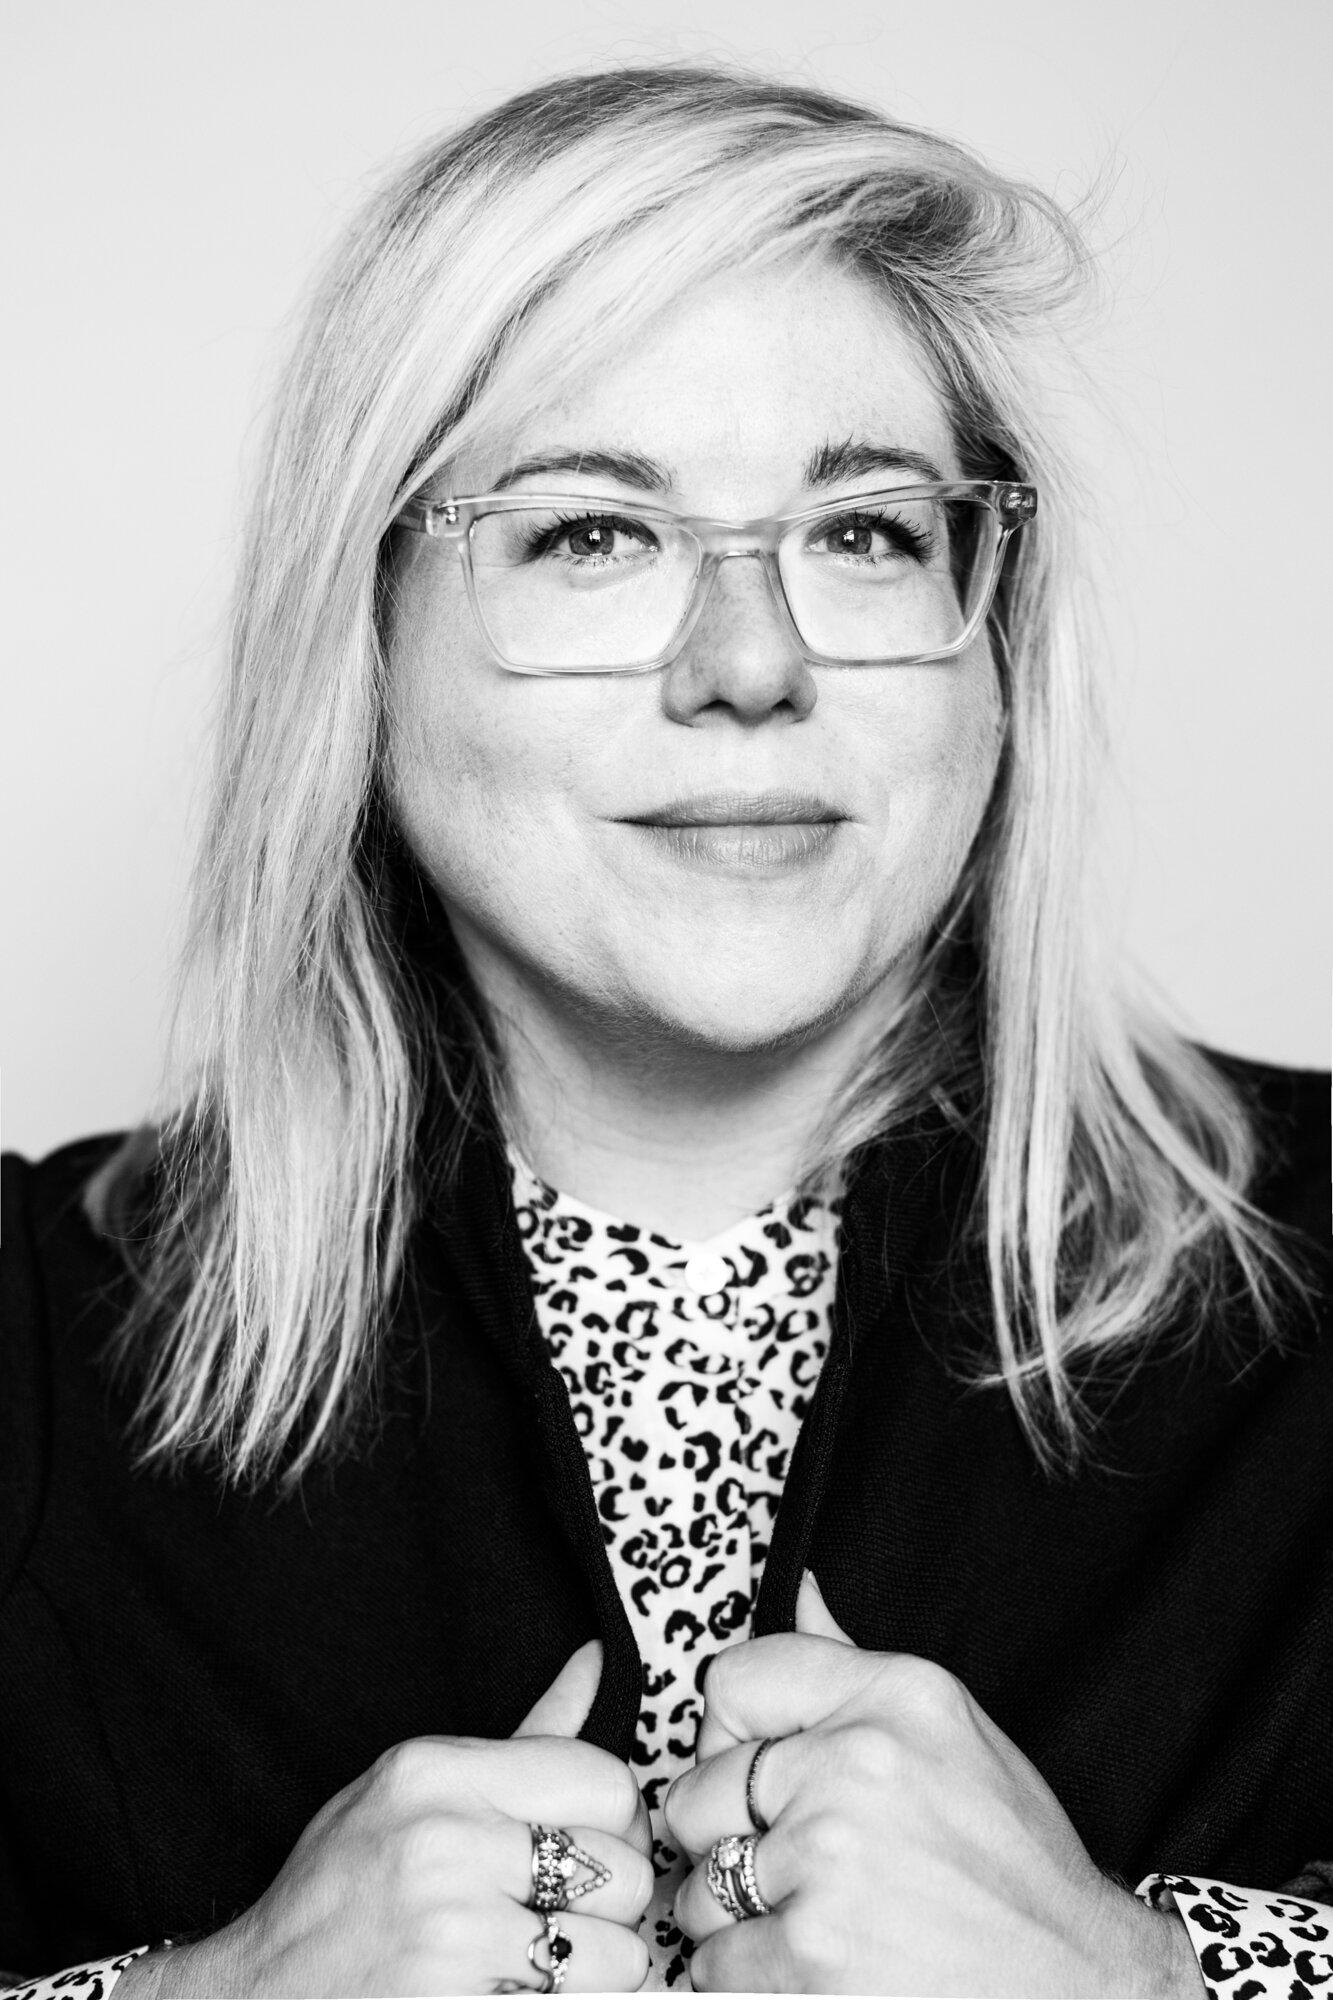 Katie Vance | Partner + Interior Design Director